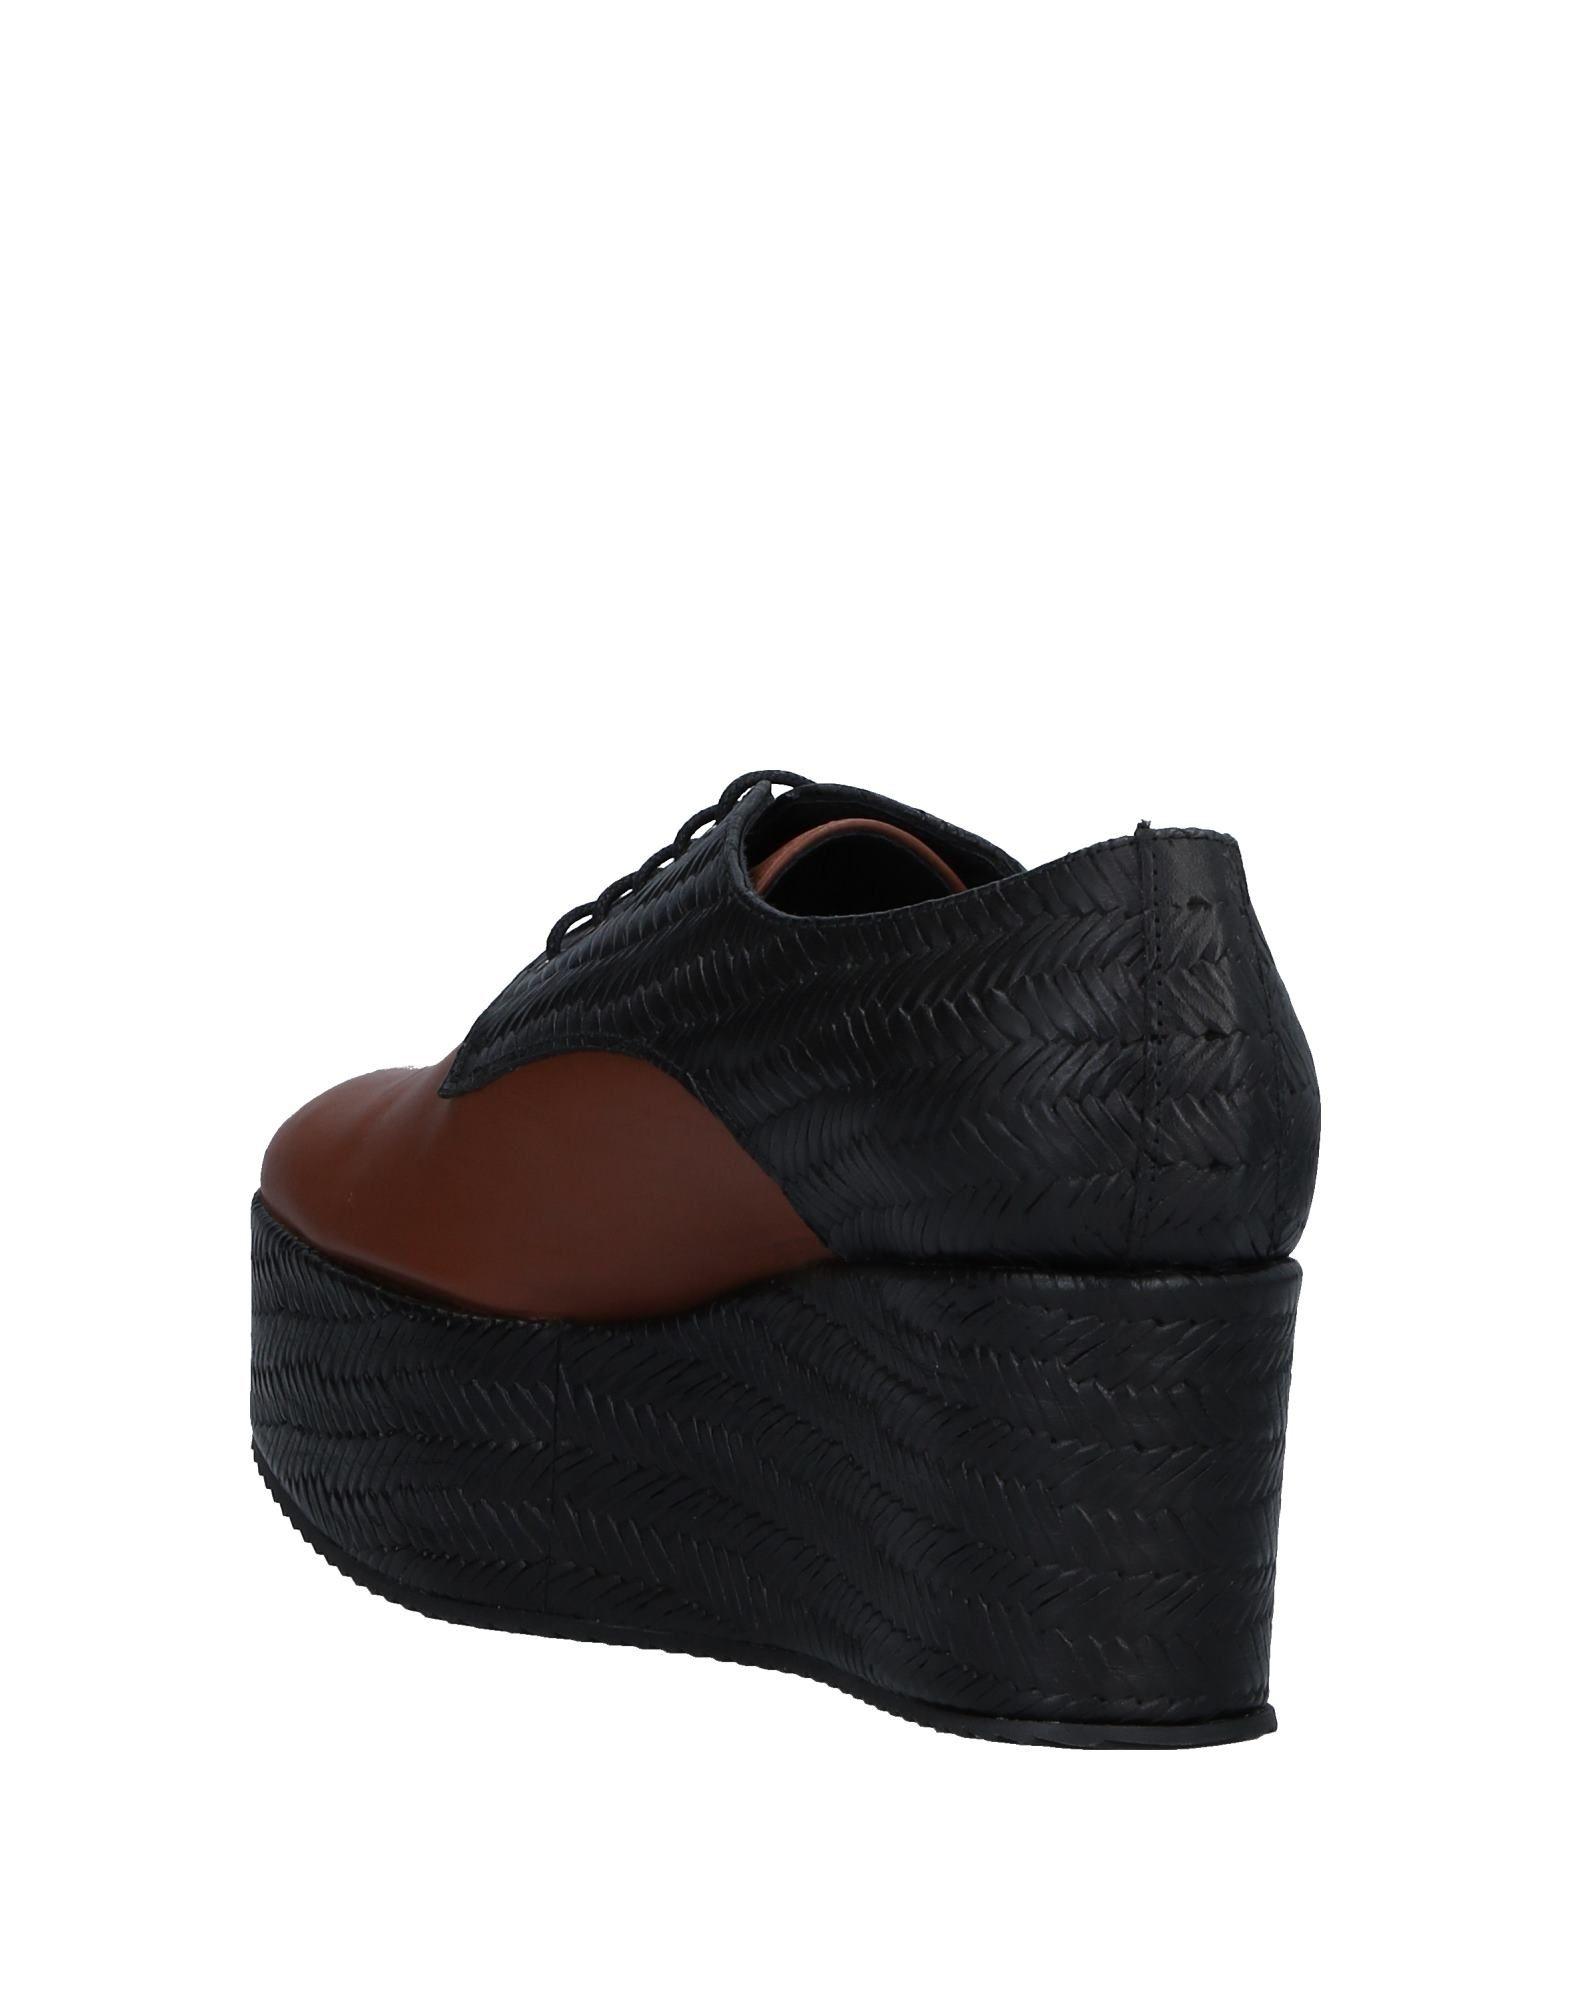 Stilvolle billige Schuhe Castañer Schnürschuhe 11537061FC Damen  11537061FC Schnürschuhe 409116